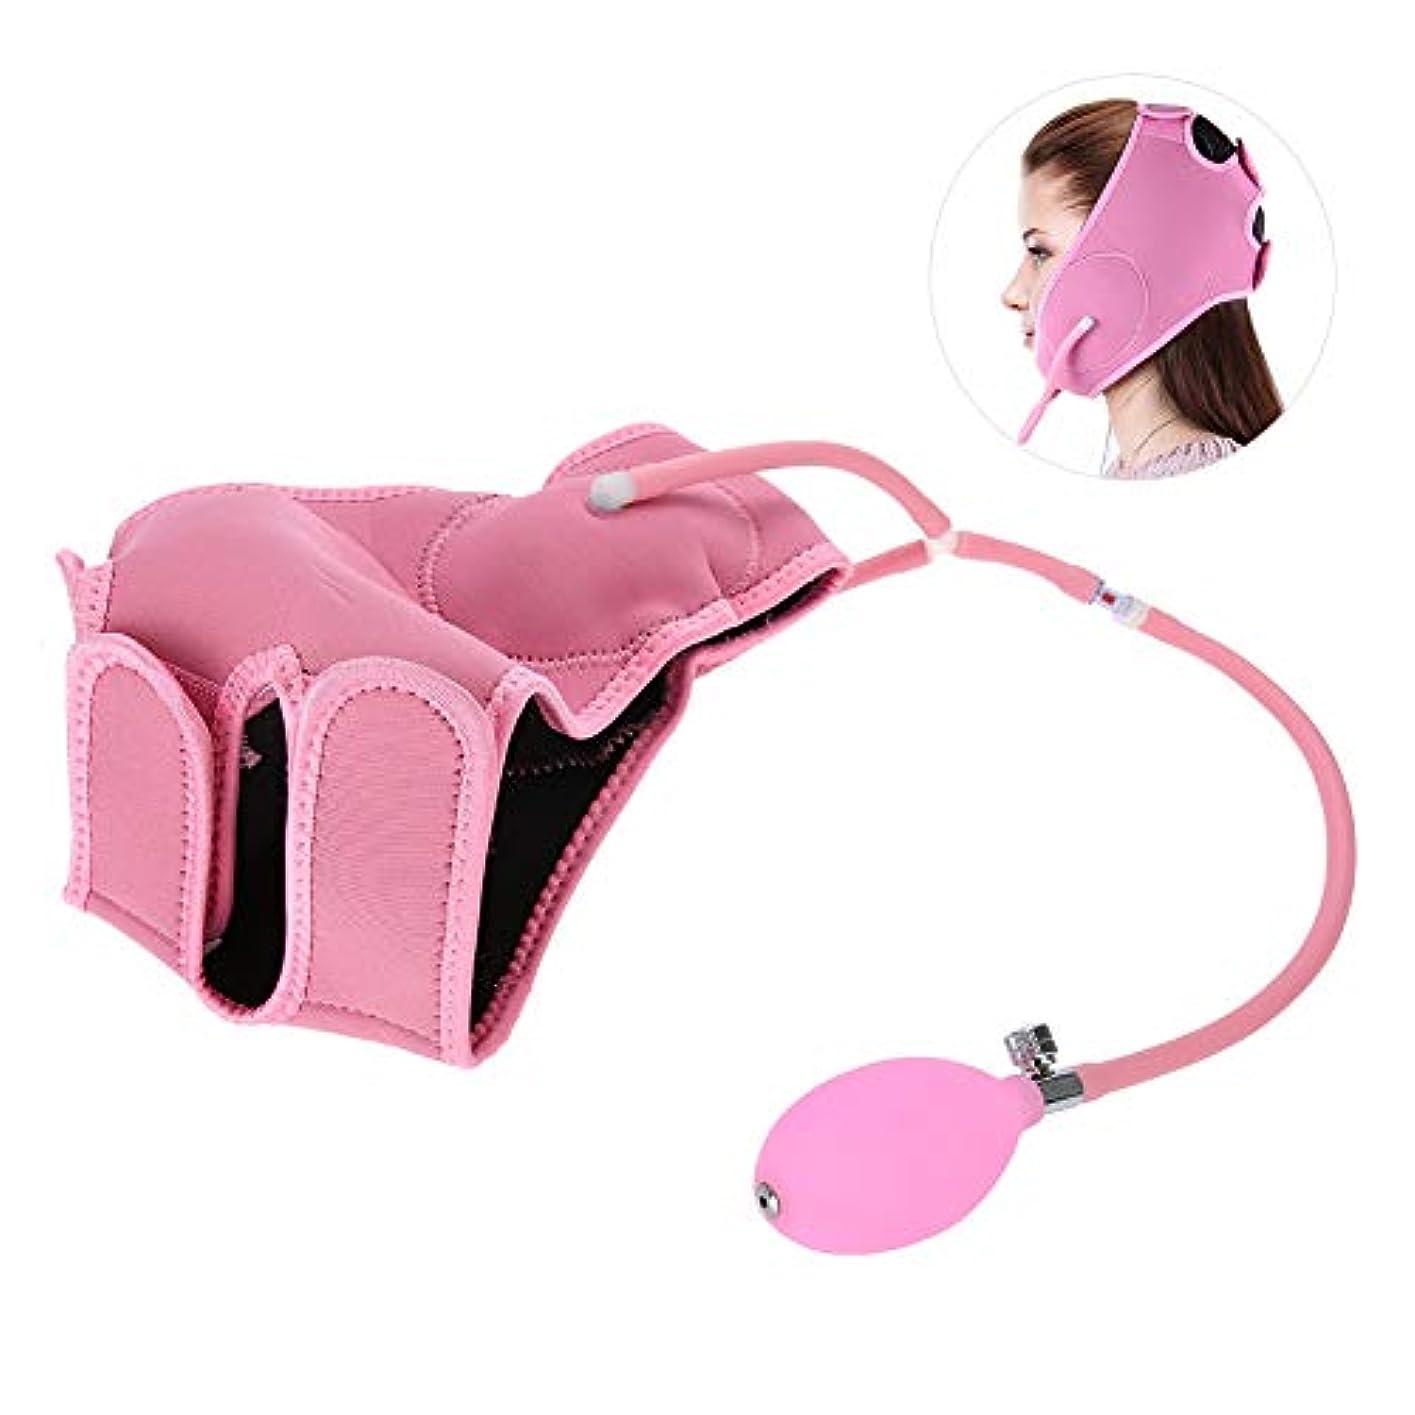 エアバッグ、美顔術および細くおよび顔の持ち上がることのための是正包帯が付いている顔の修正マスク